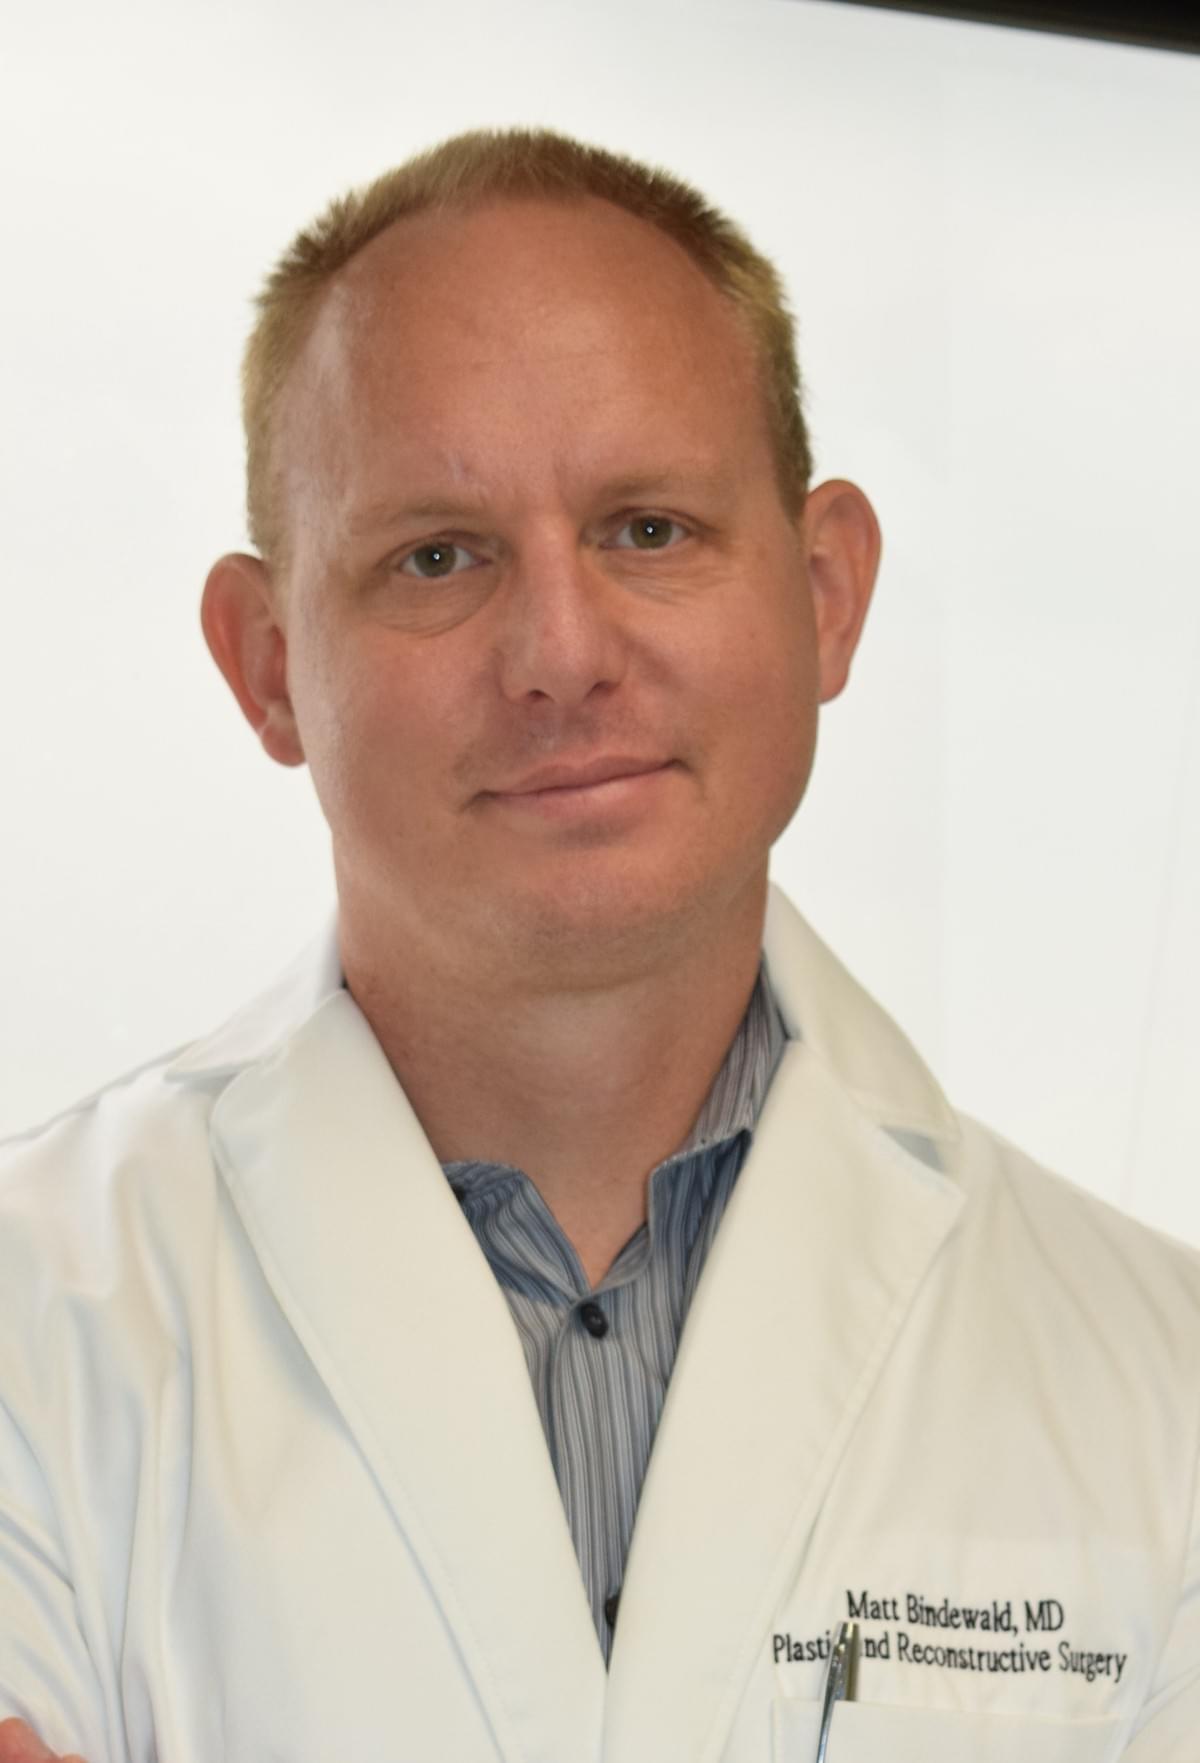 About Dr  Bindewald - Dr  Matt Bindewald, San Antonio Plastic Surgeon